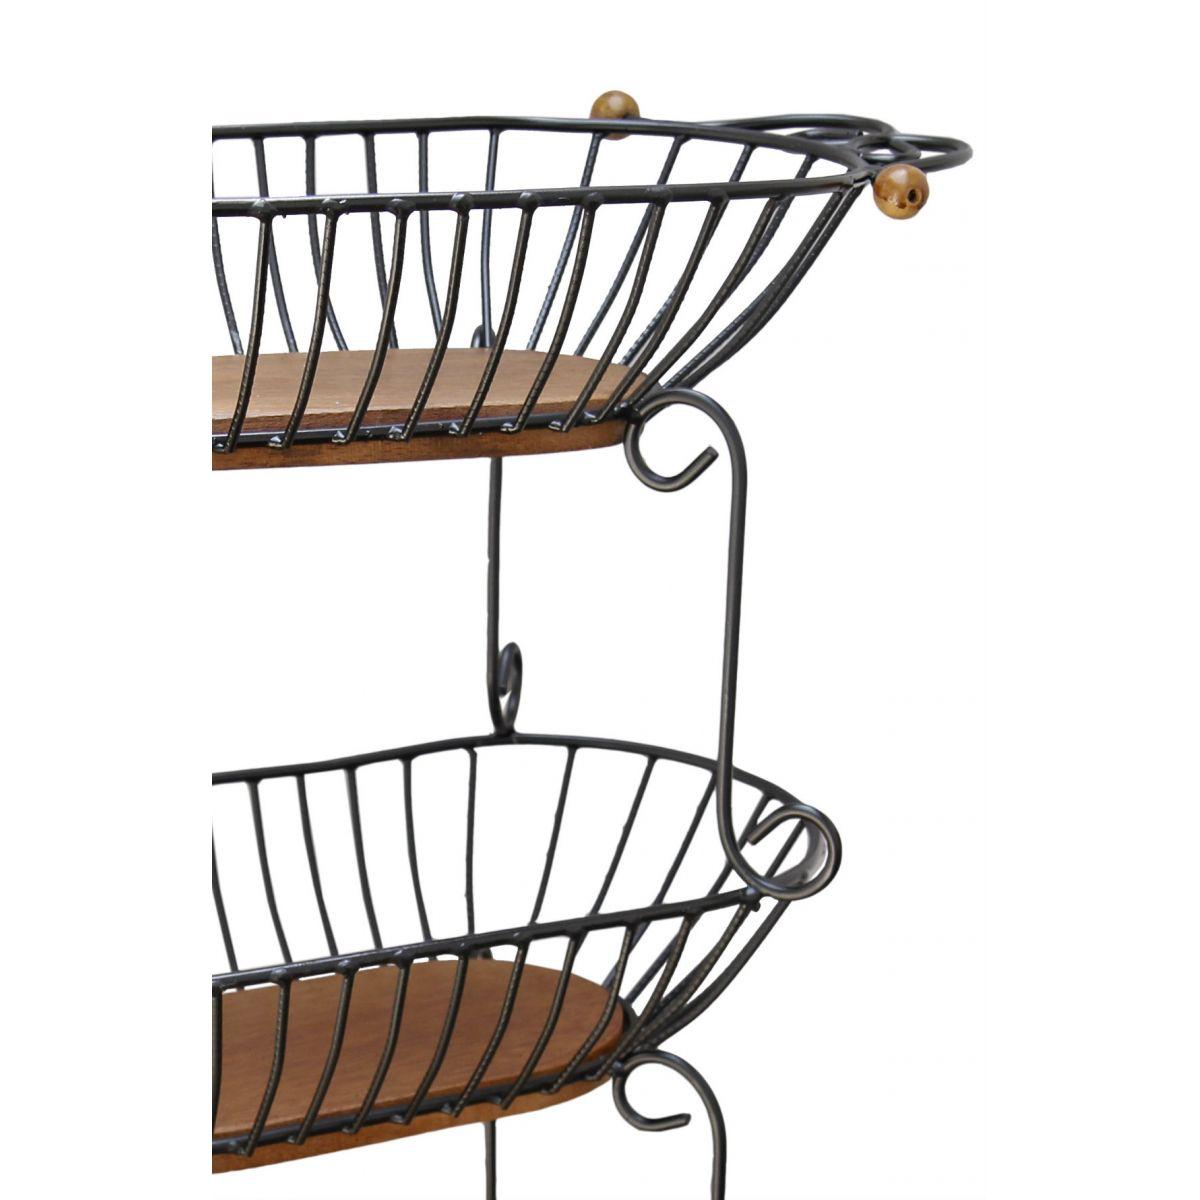 Fruteira Artesanal em Ferro e Madeira de Demolição Rústica para Cozinha e Área Gourmet